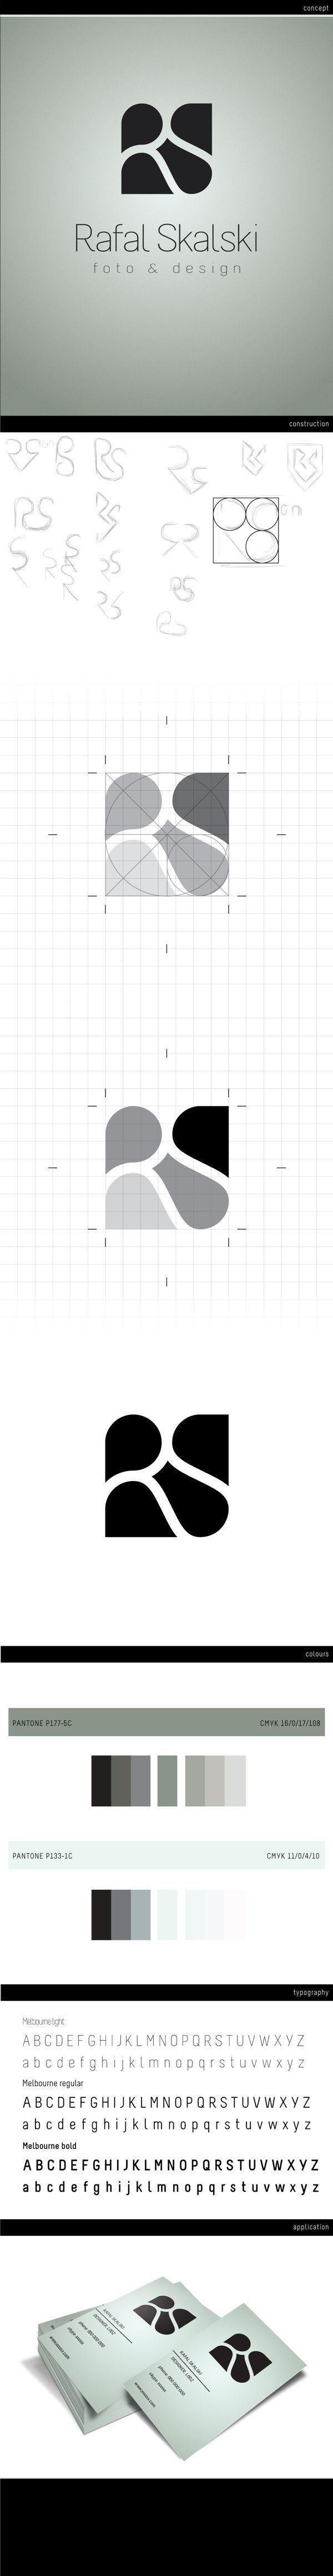 Esta bueno como parten de dos letras para despues geometrizarlo y formar un isotipo abstracto http://jrstudioweb.com/diseno-grafico/diseno-de-logotipos/